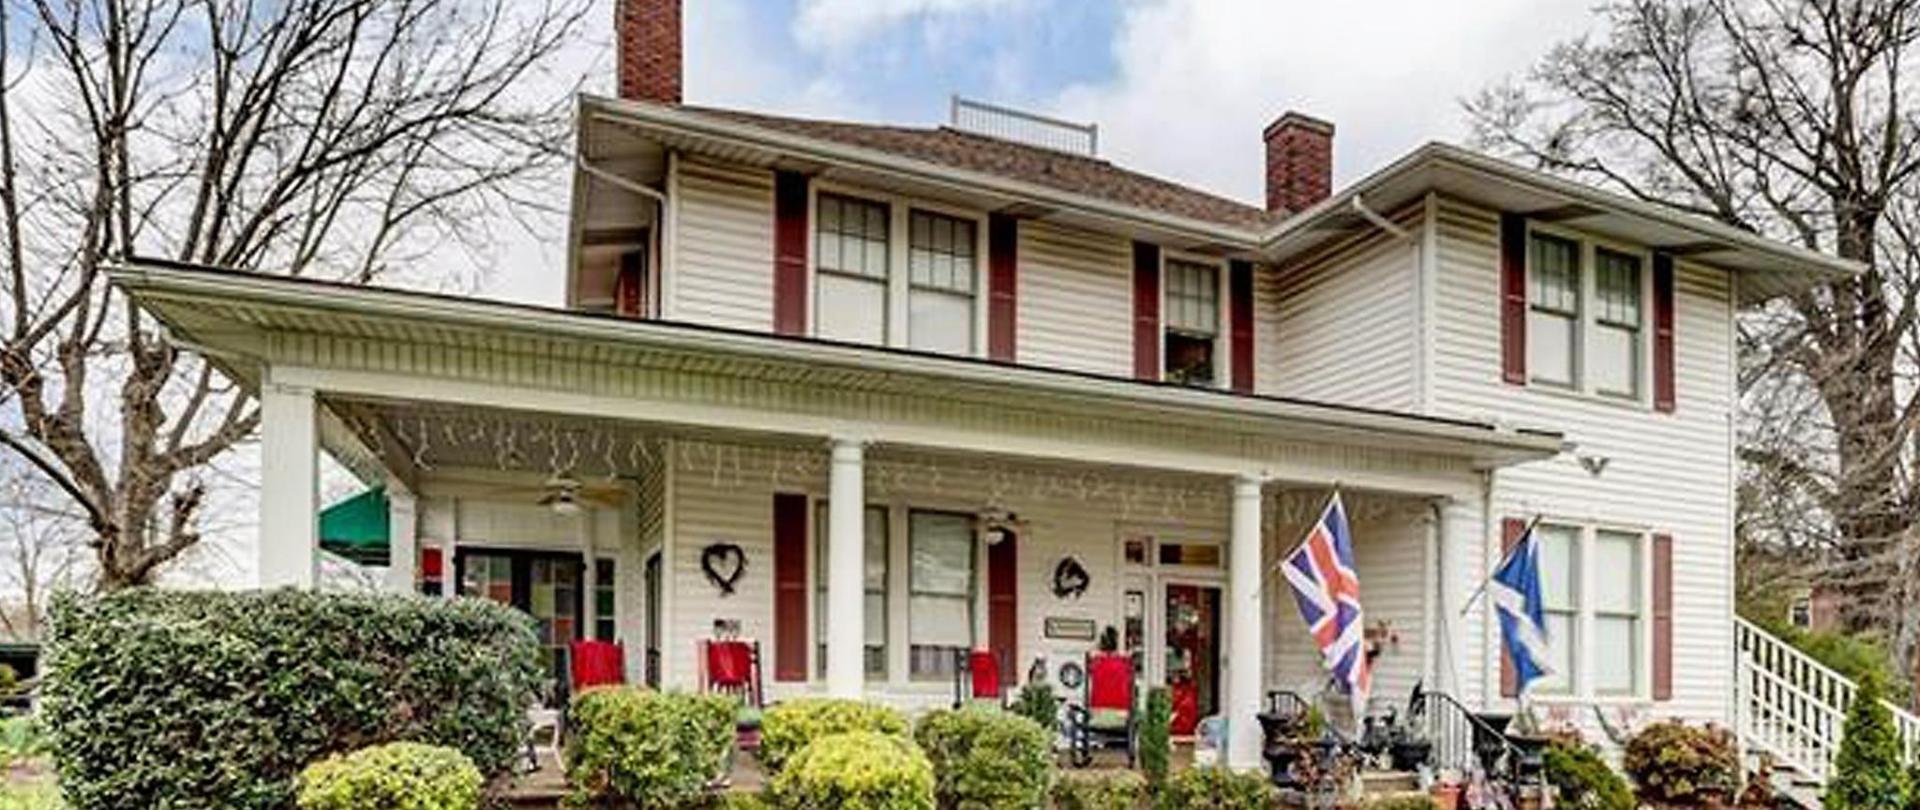 The Inn of the Patriots Grover NC.jpg